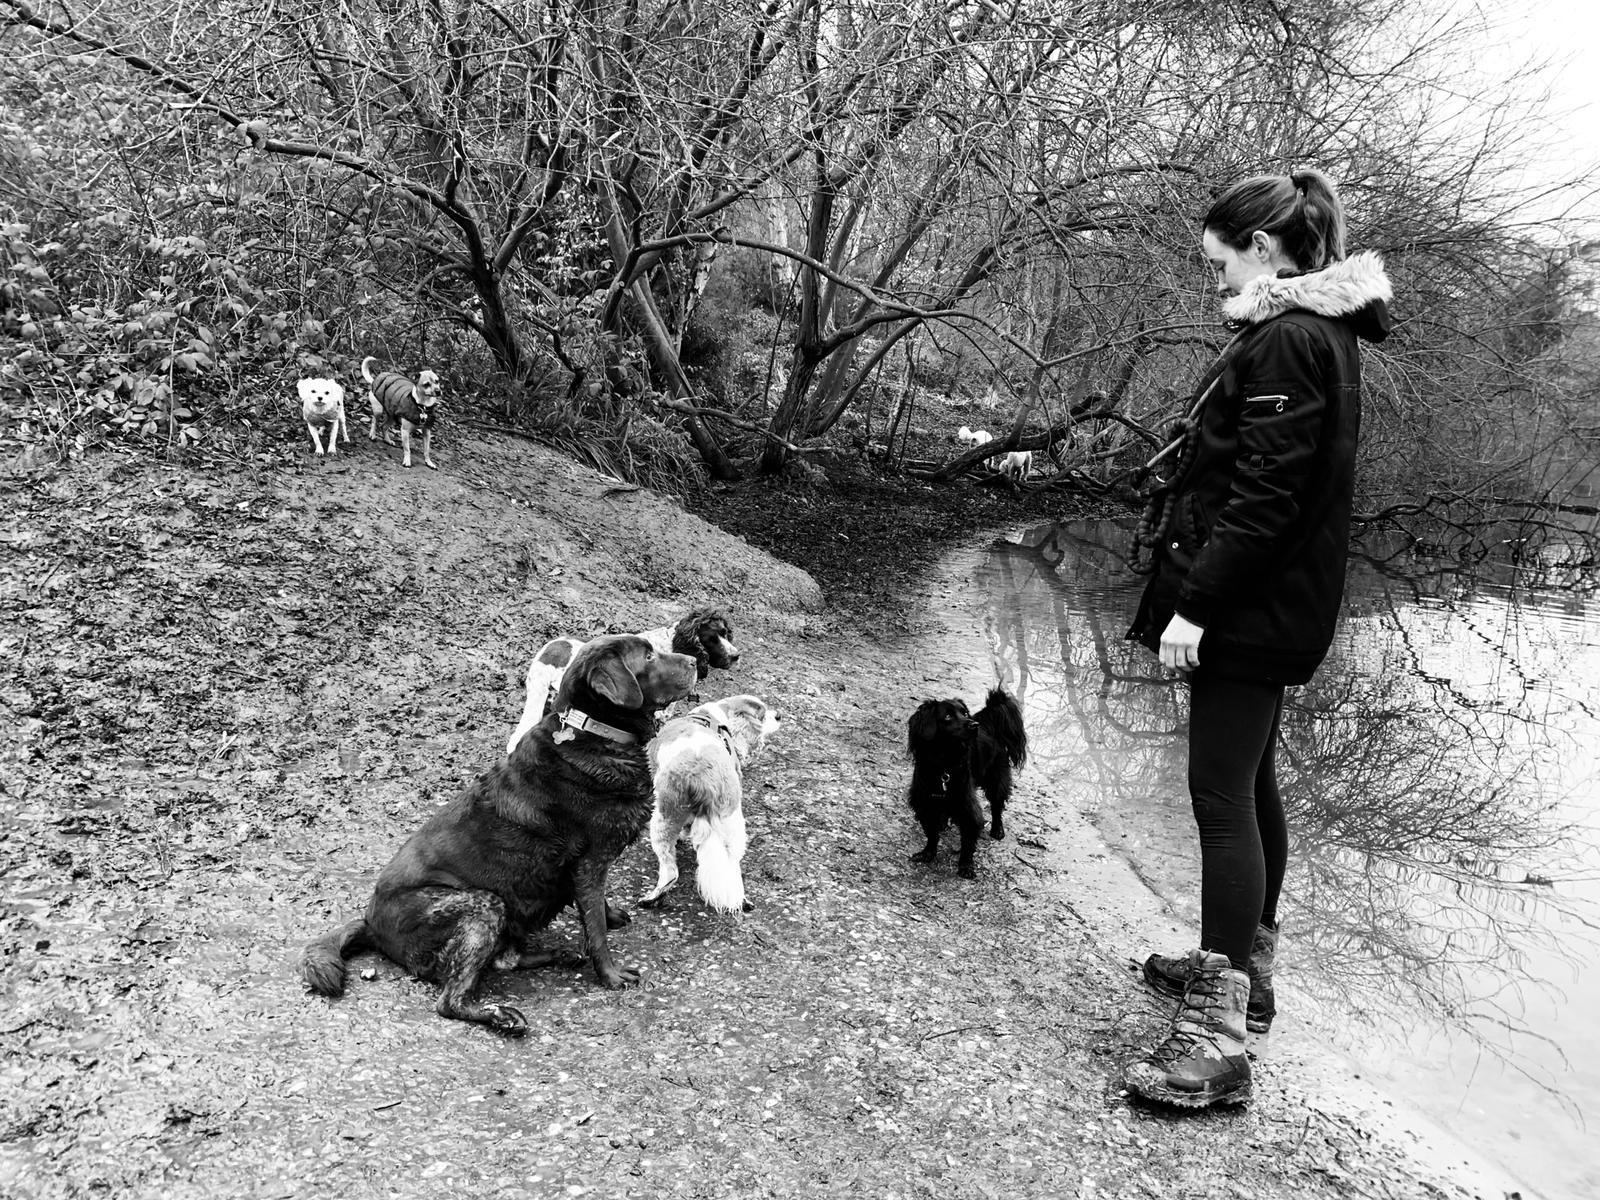 dog walker dog sitter puppy visits dog boarding nw3